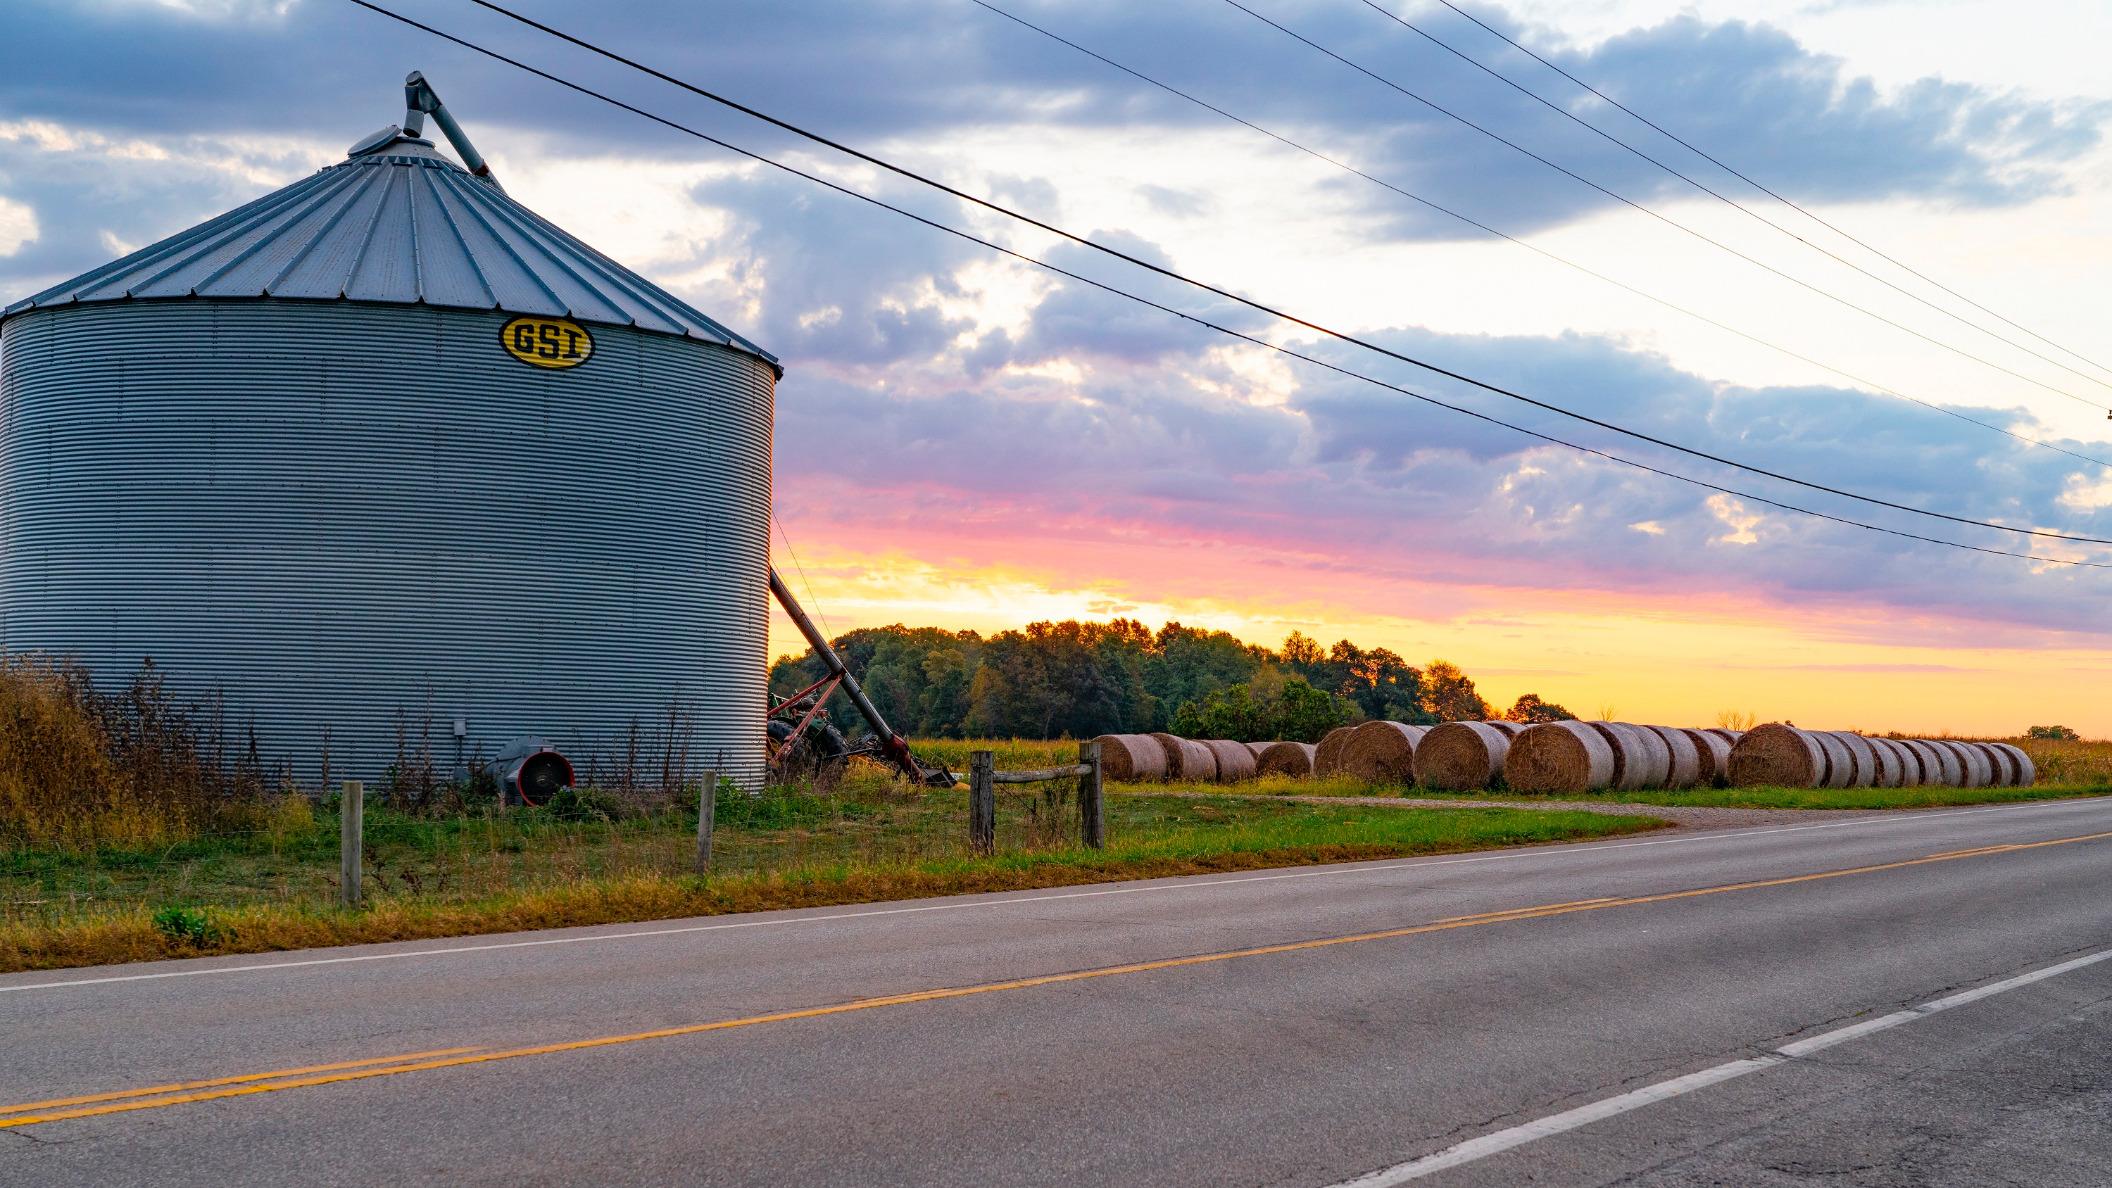 Grain bin at sunset